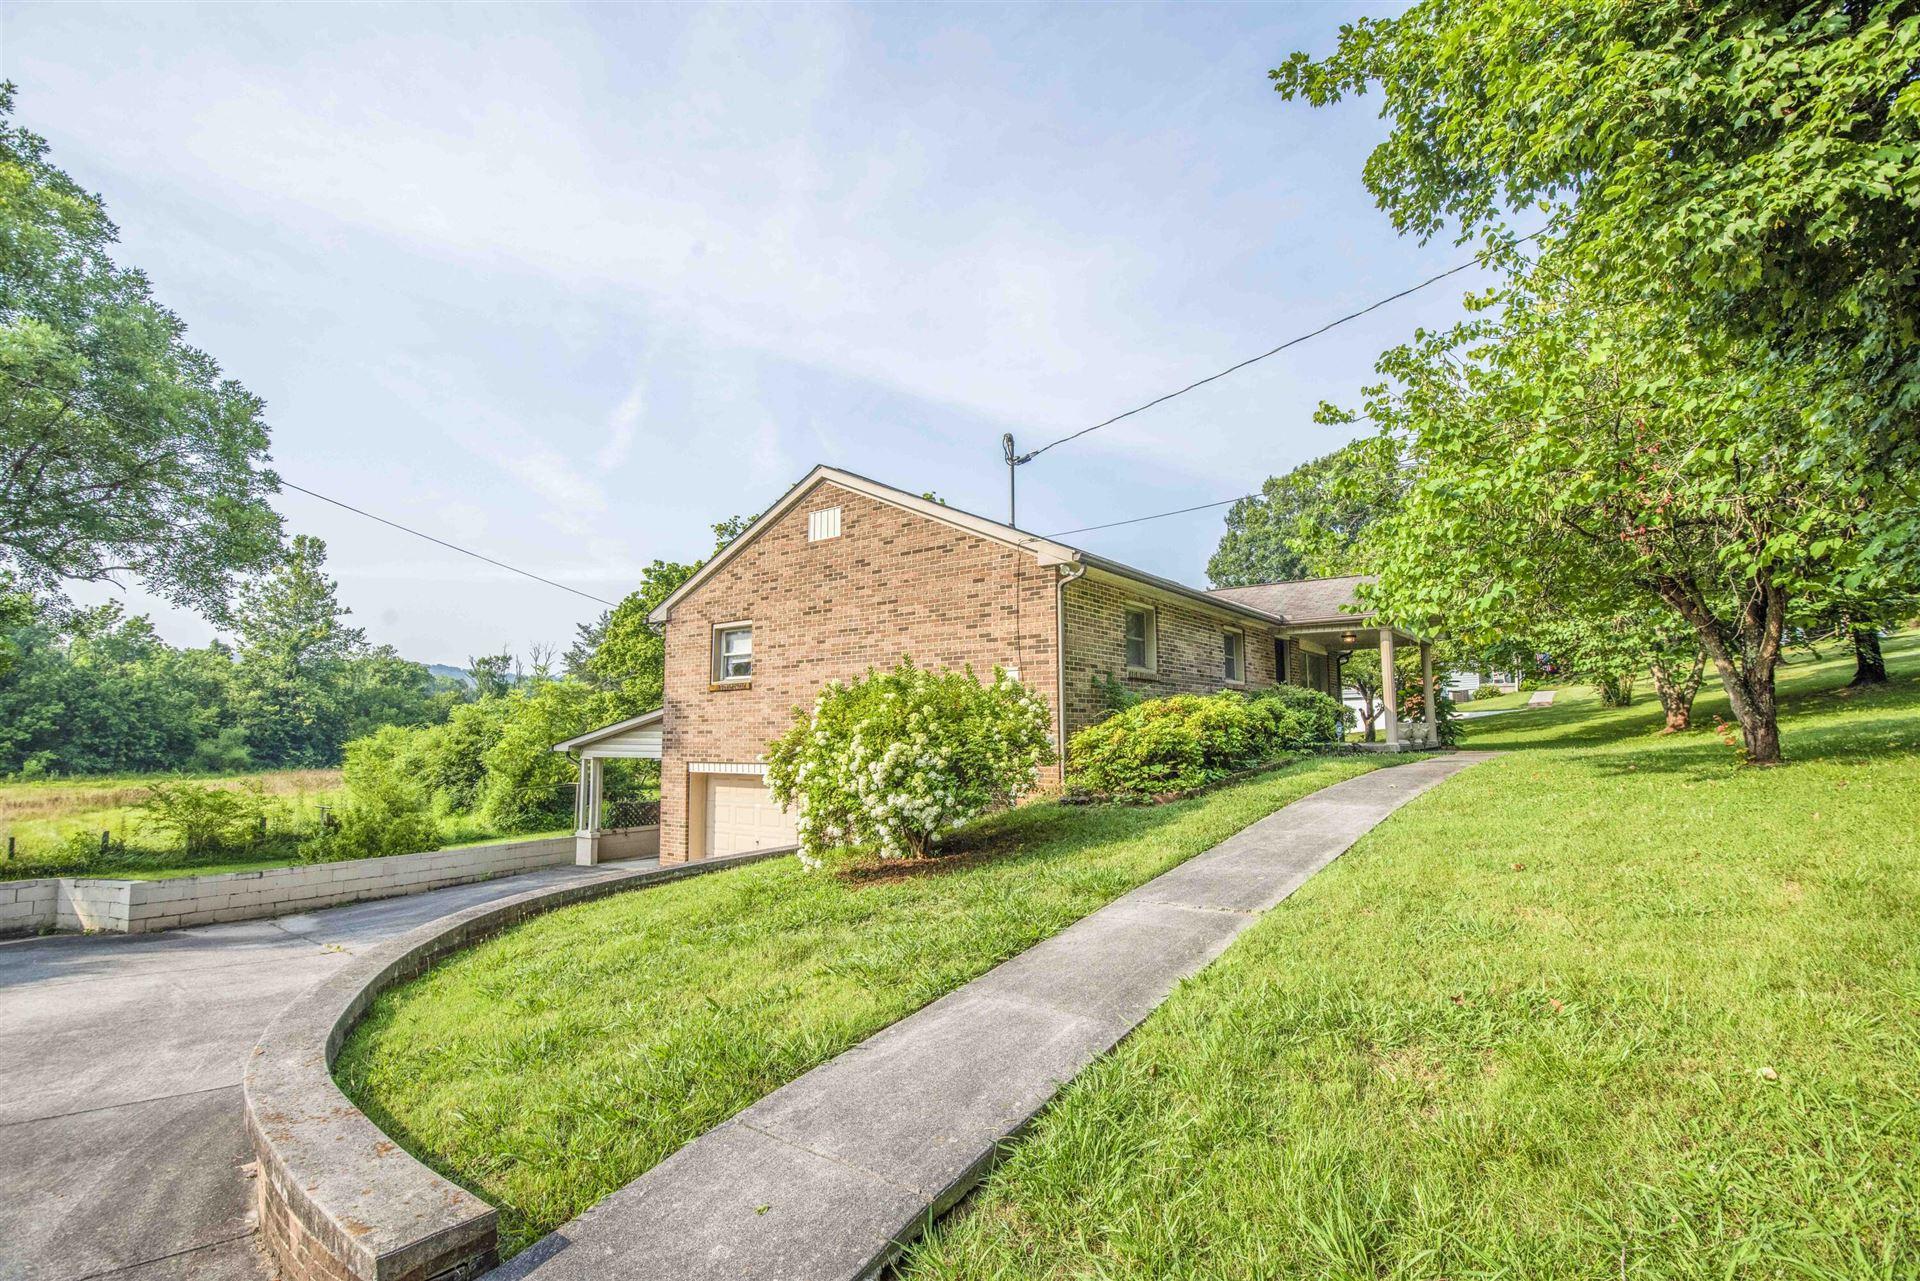 Photo of 7436 Old Maynardville Pike, Knoxville, TN 37938 (MLS # 1162199)